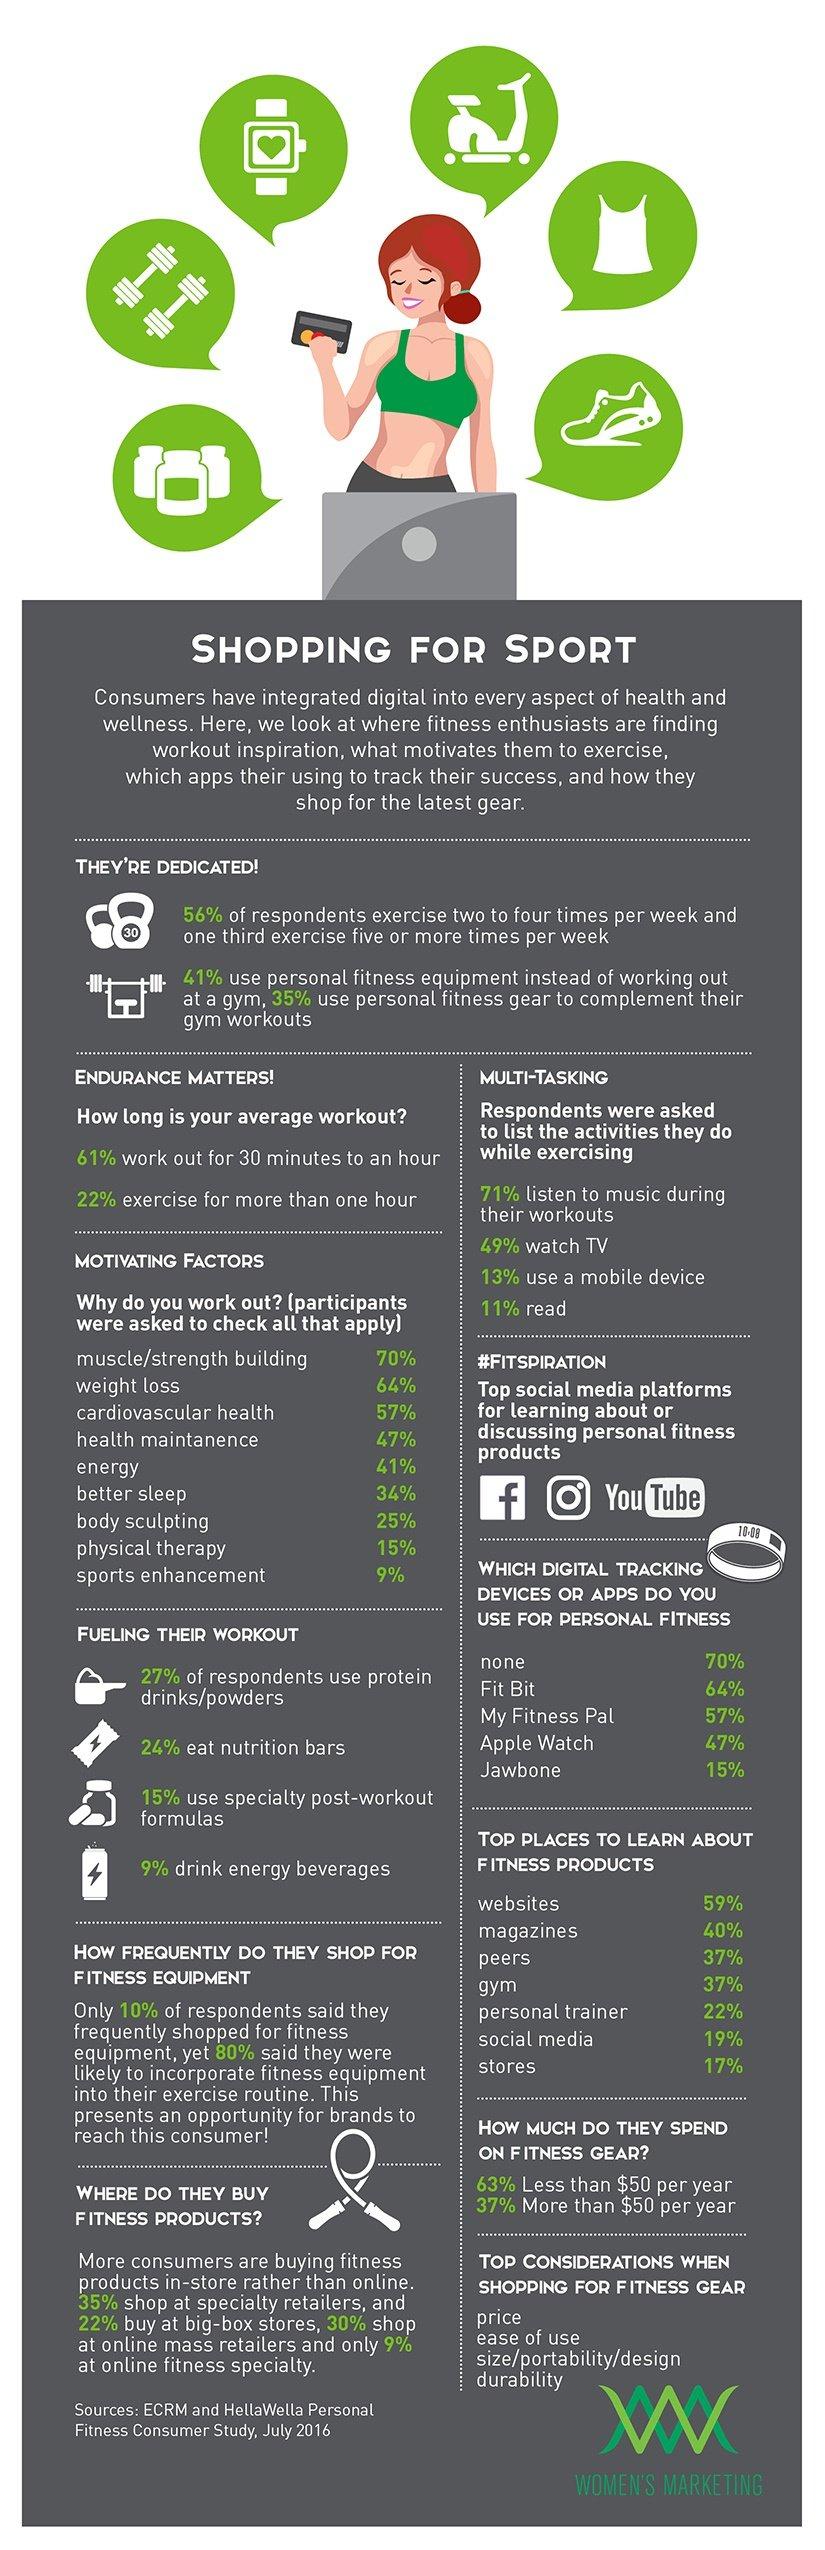 ShoppingforSport_Infographic.jpg